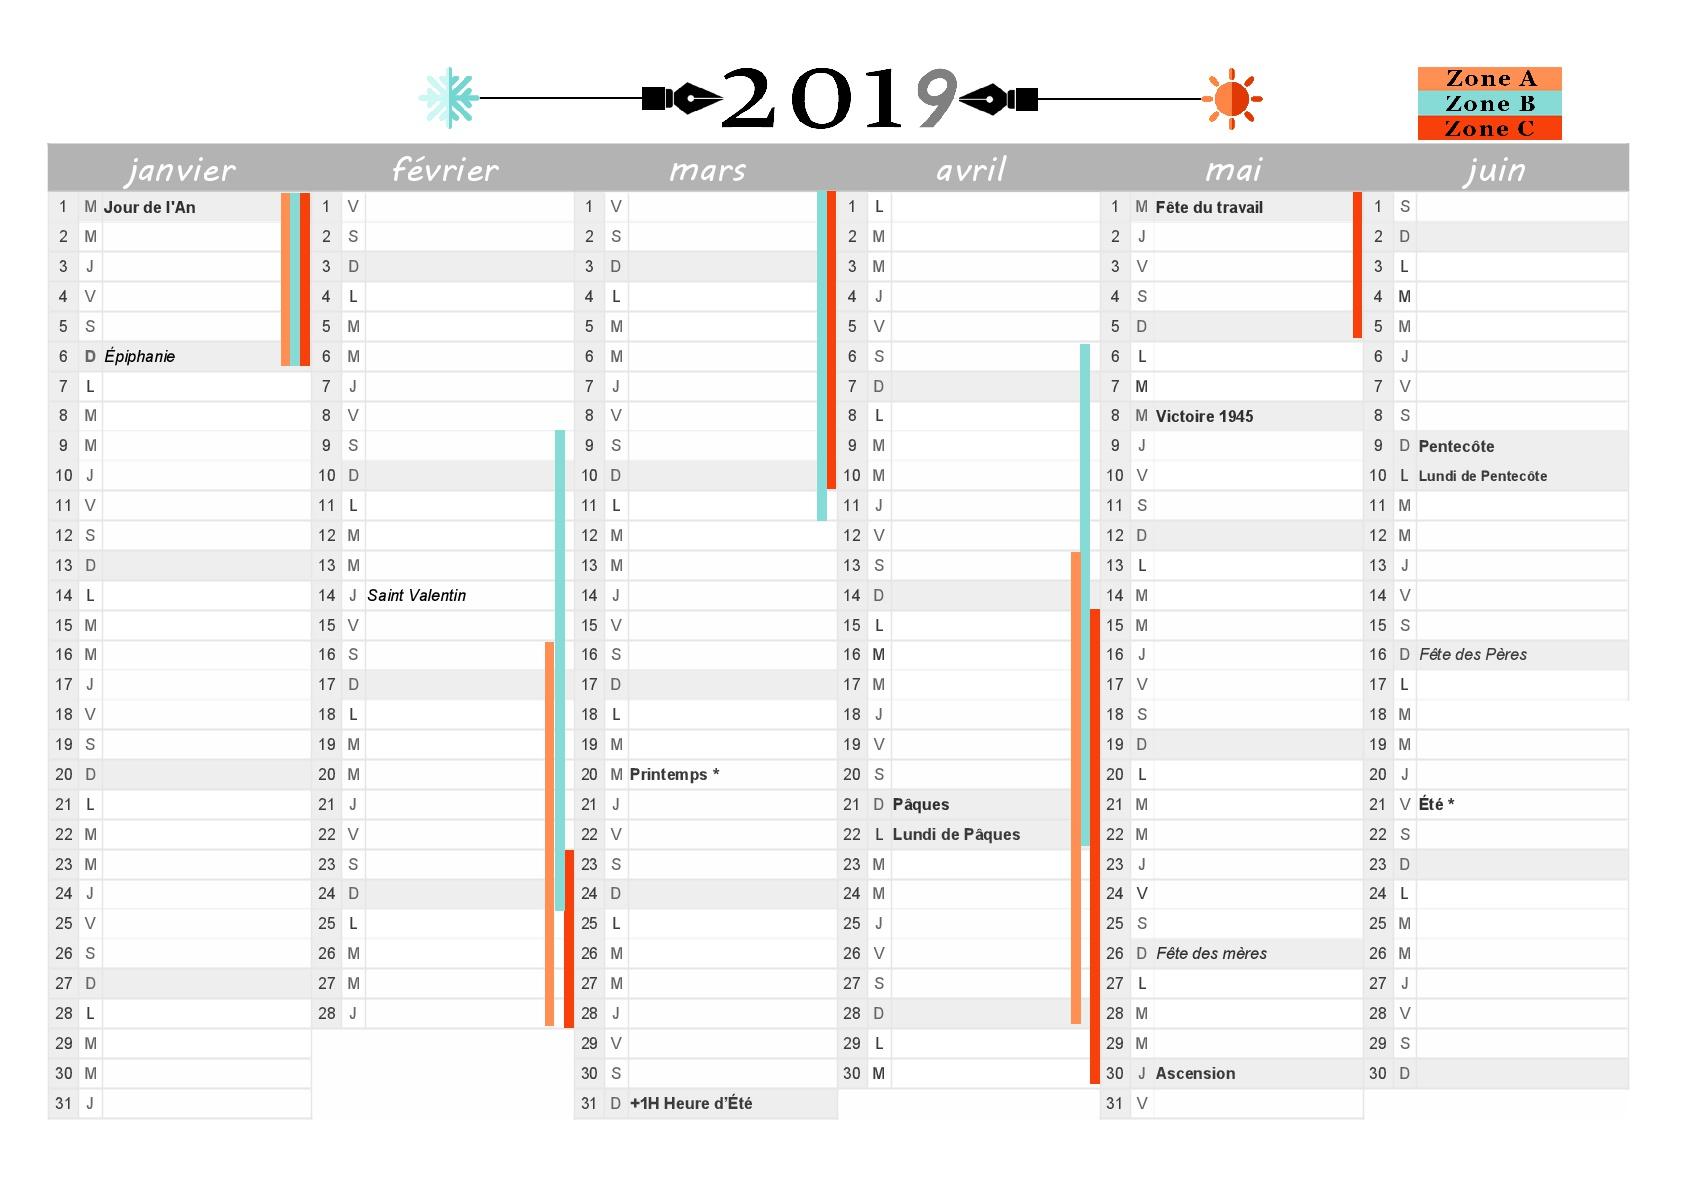 Calendrier 2019 2020 A Imprimer.Calendrier 2019 A Imprimer Jours Feries Vacances